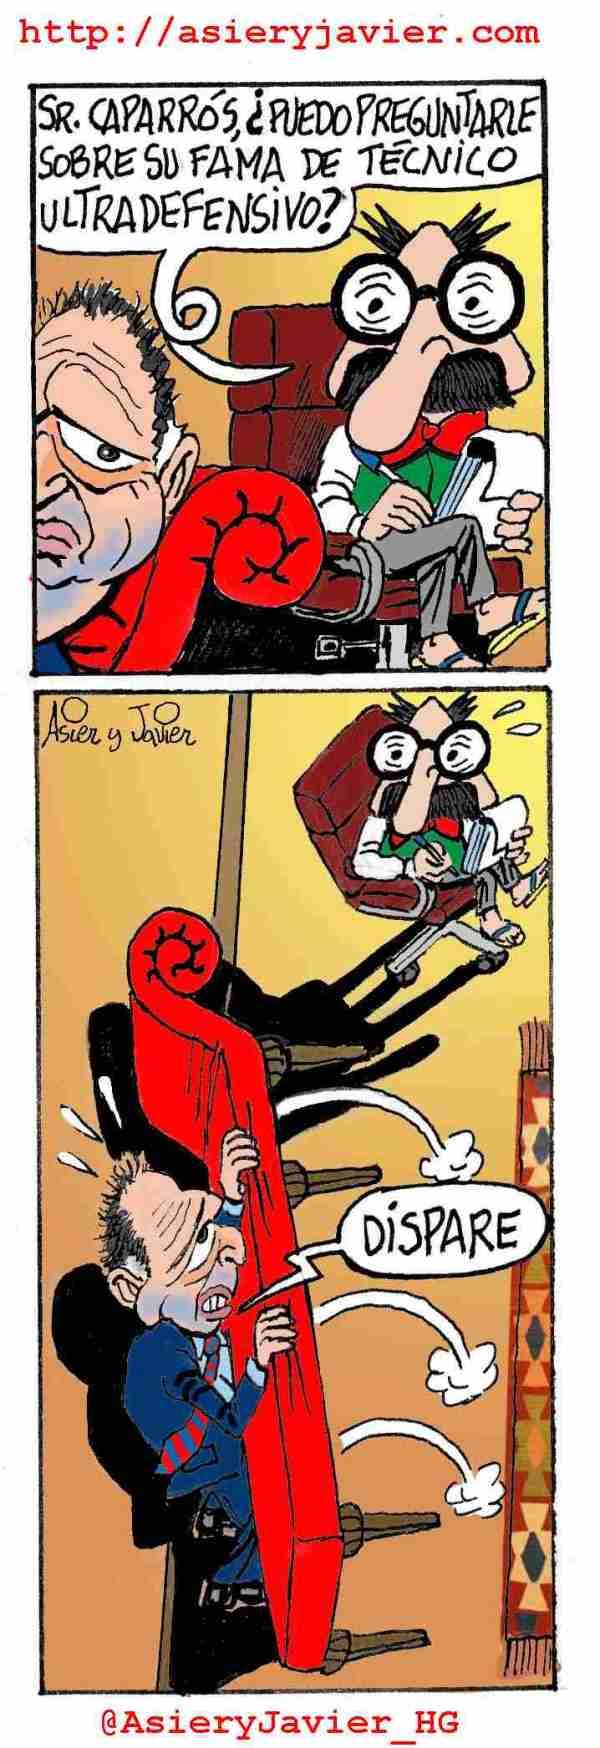 Joaquín Caparrós arovechó la visita del Levante a San Mamés para ir a ver al doctor Txok. Caricatura, Humor Gráfico